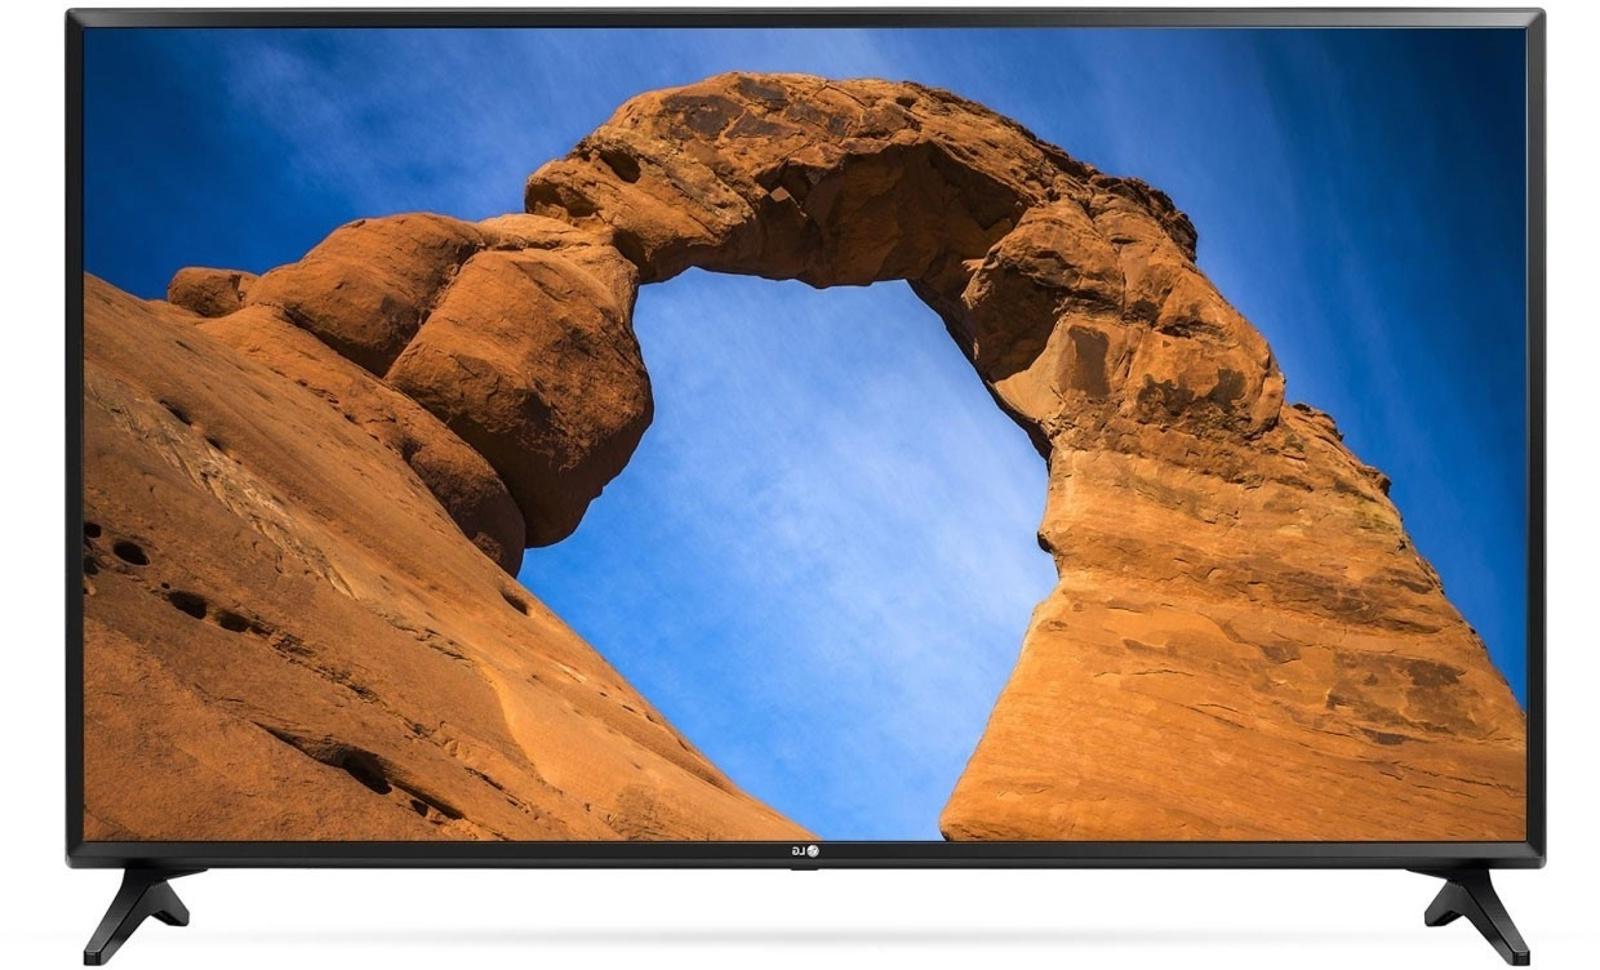 """Lg 49Lk5900 49"""" 123 Ekran Uydu Alıcılı Full Hd Smart Led Tv Intended For Kai 63 Inch Tv Stands (View 15 of 20)"""